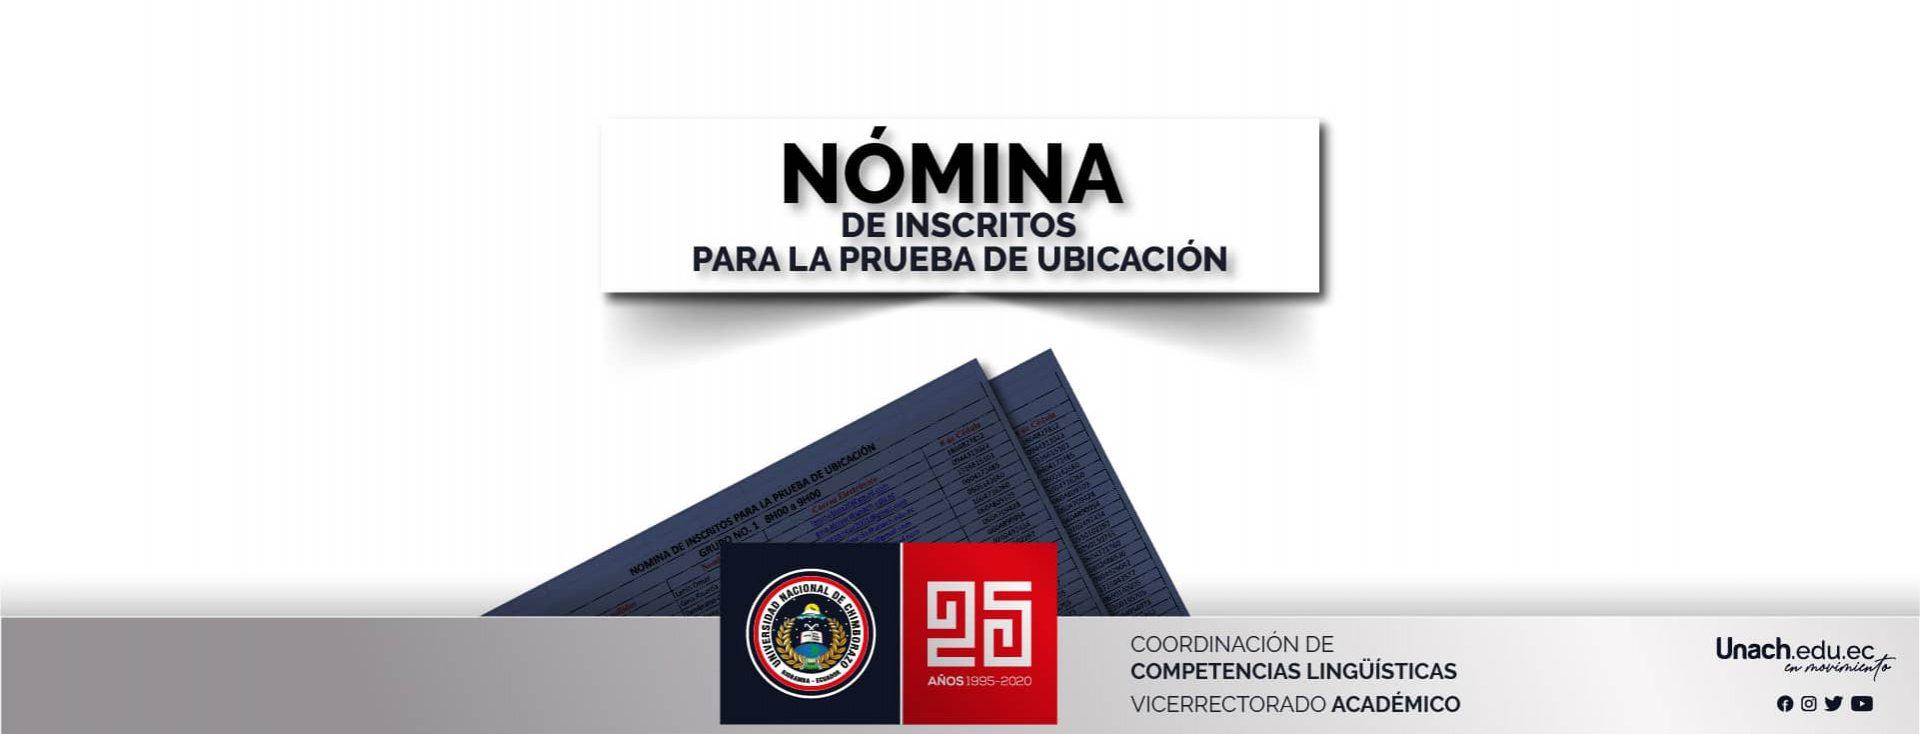 NÓMINA DE INSCRITOS PARA LA PRUEBA DE UBICACIÓN